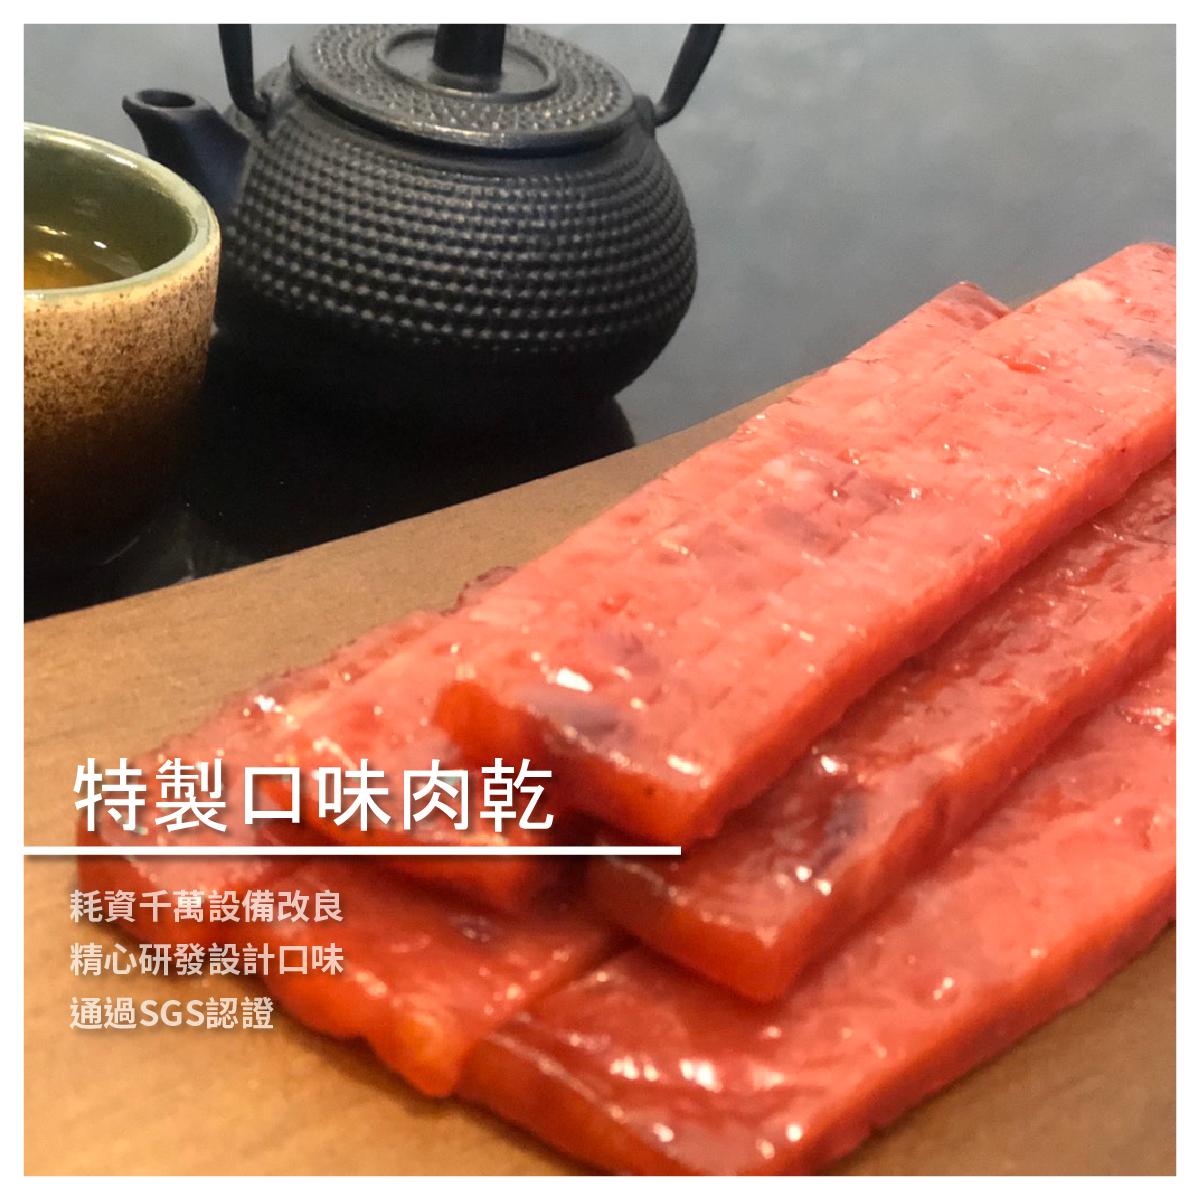 【金鶴閒】特製口味豬肉乾/200g(蜜汁/岩燒/麻辣/泰式檸檬)